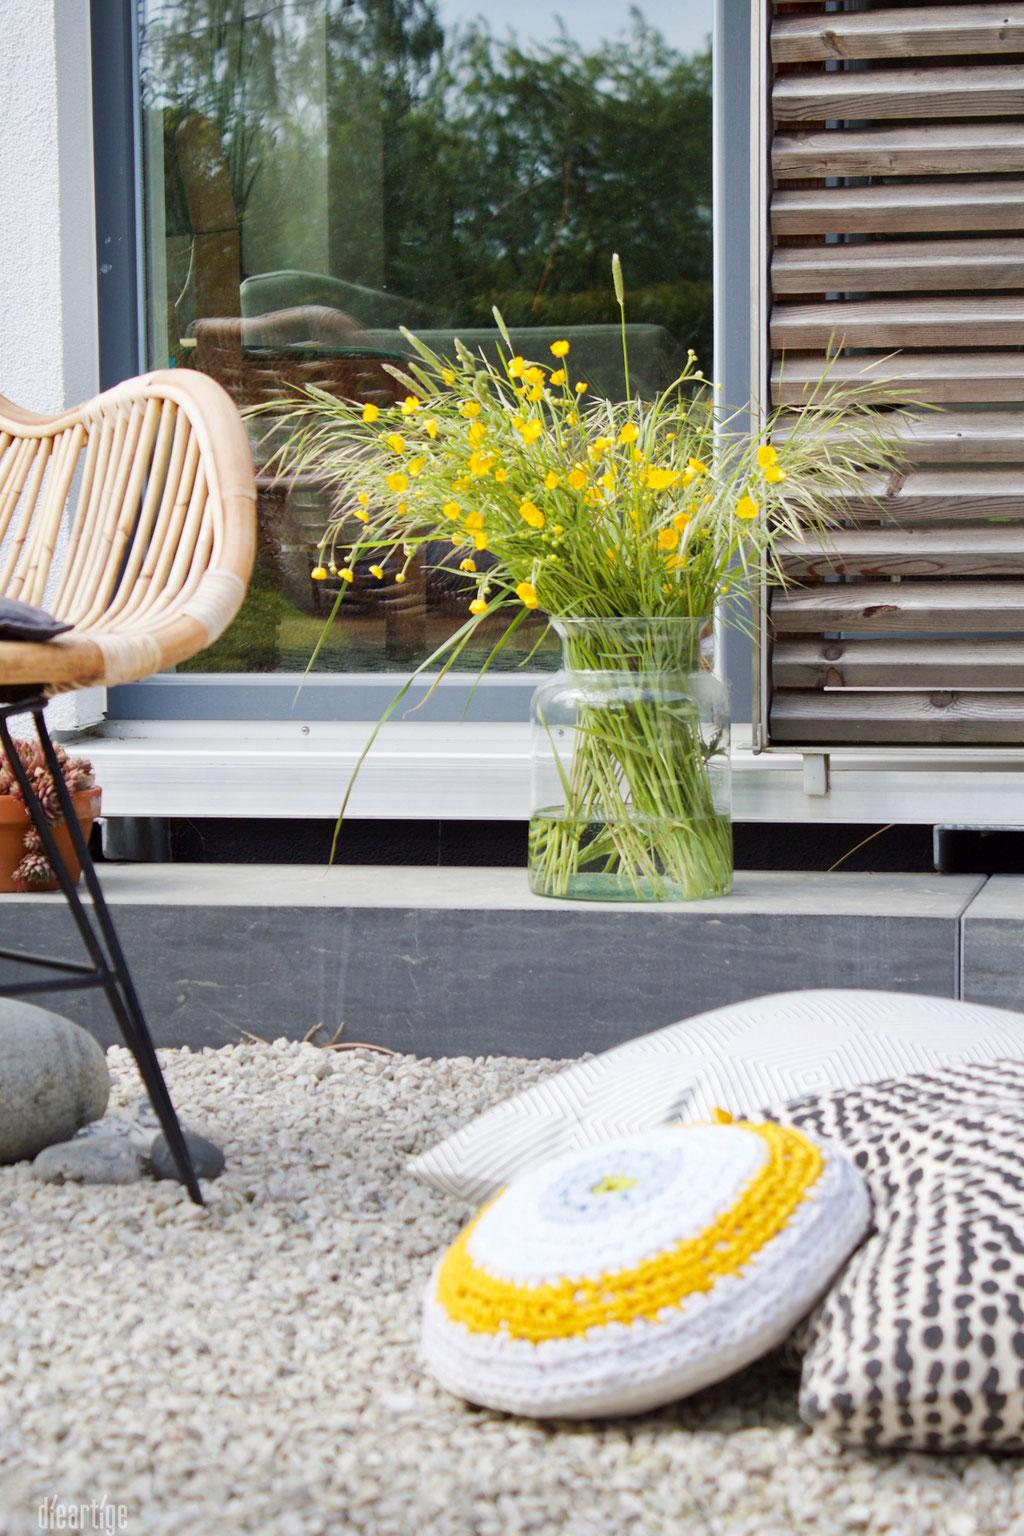 dieartigeBLOG - Terrasse, Wiesenblumen, gelb. Lumikello